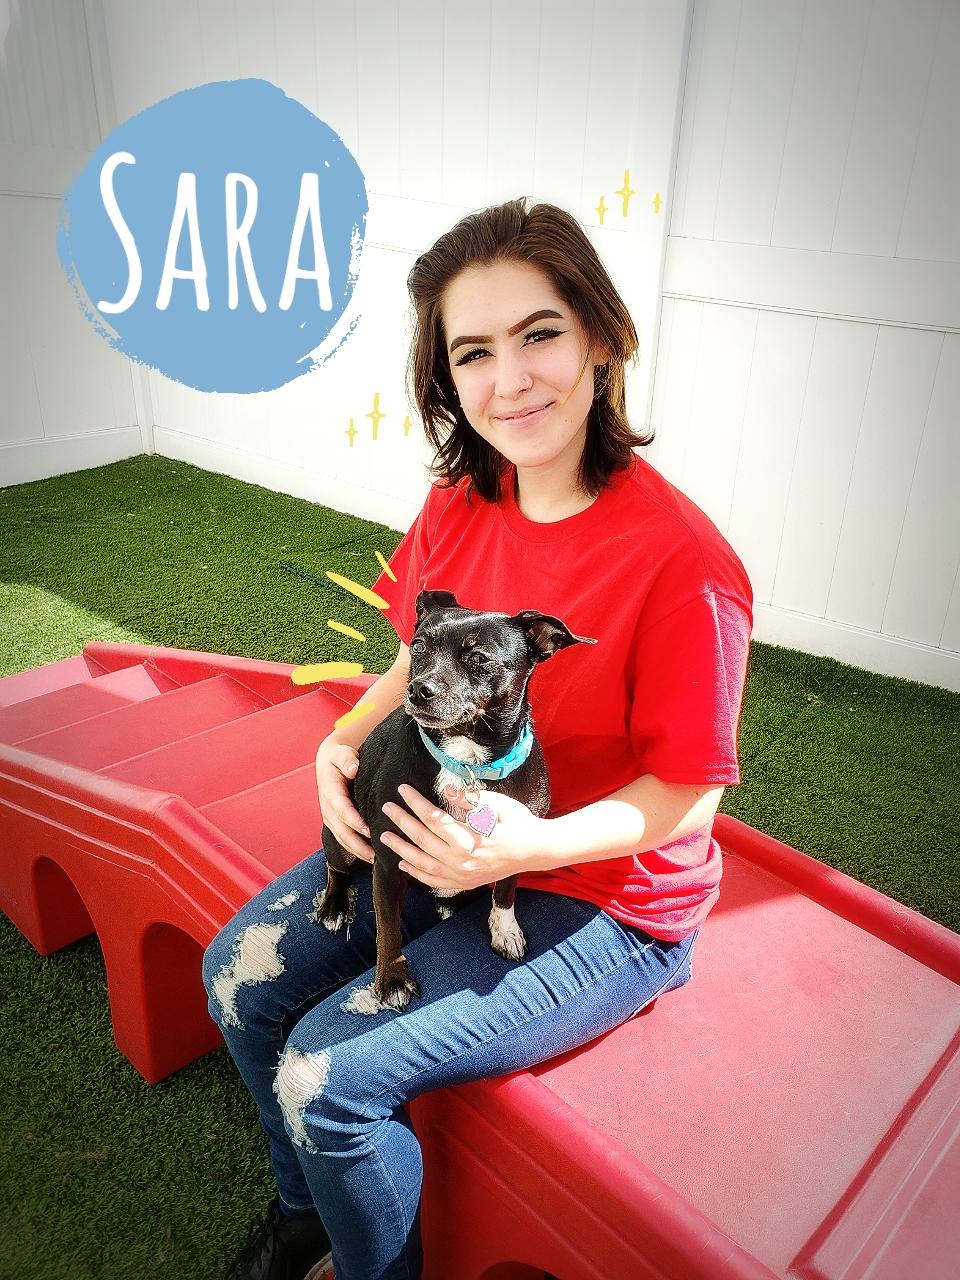 Photo of Sara Bettencourt